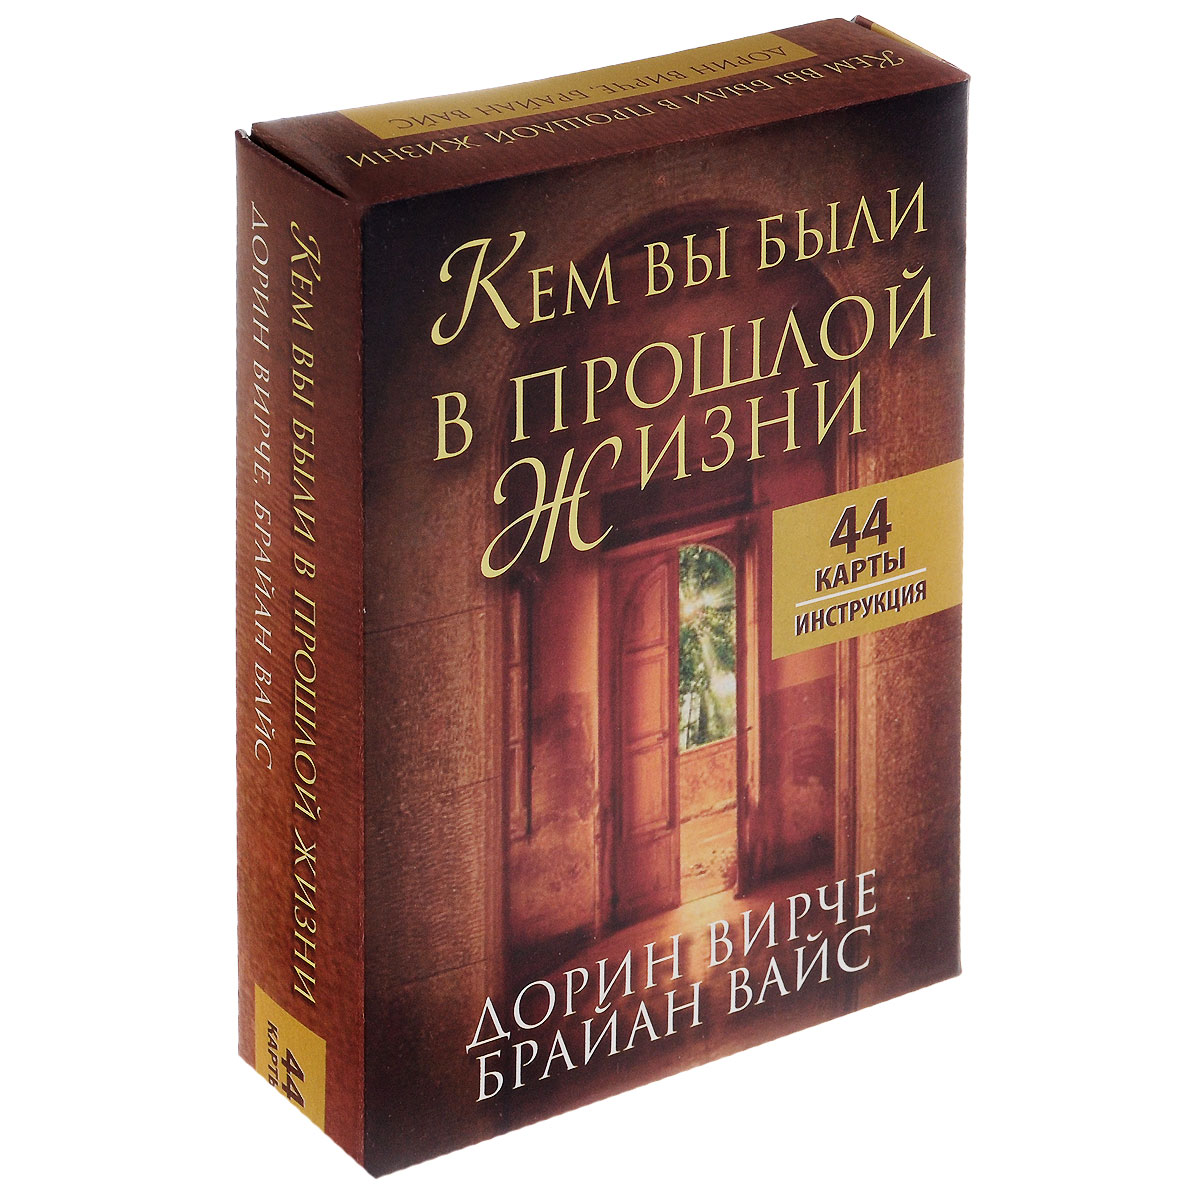 Дорин Вирче, Брайан Вайс Кем вы были в прошлой жизни (набор из 44 карт) александр ходус книга перевоплощений кем вы были в прошлой жизни